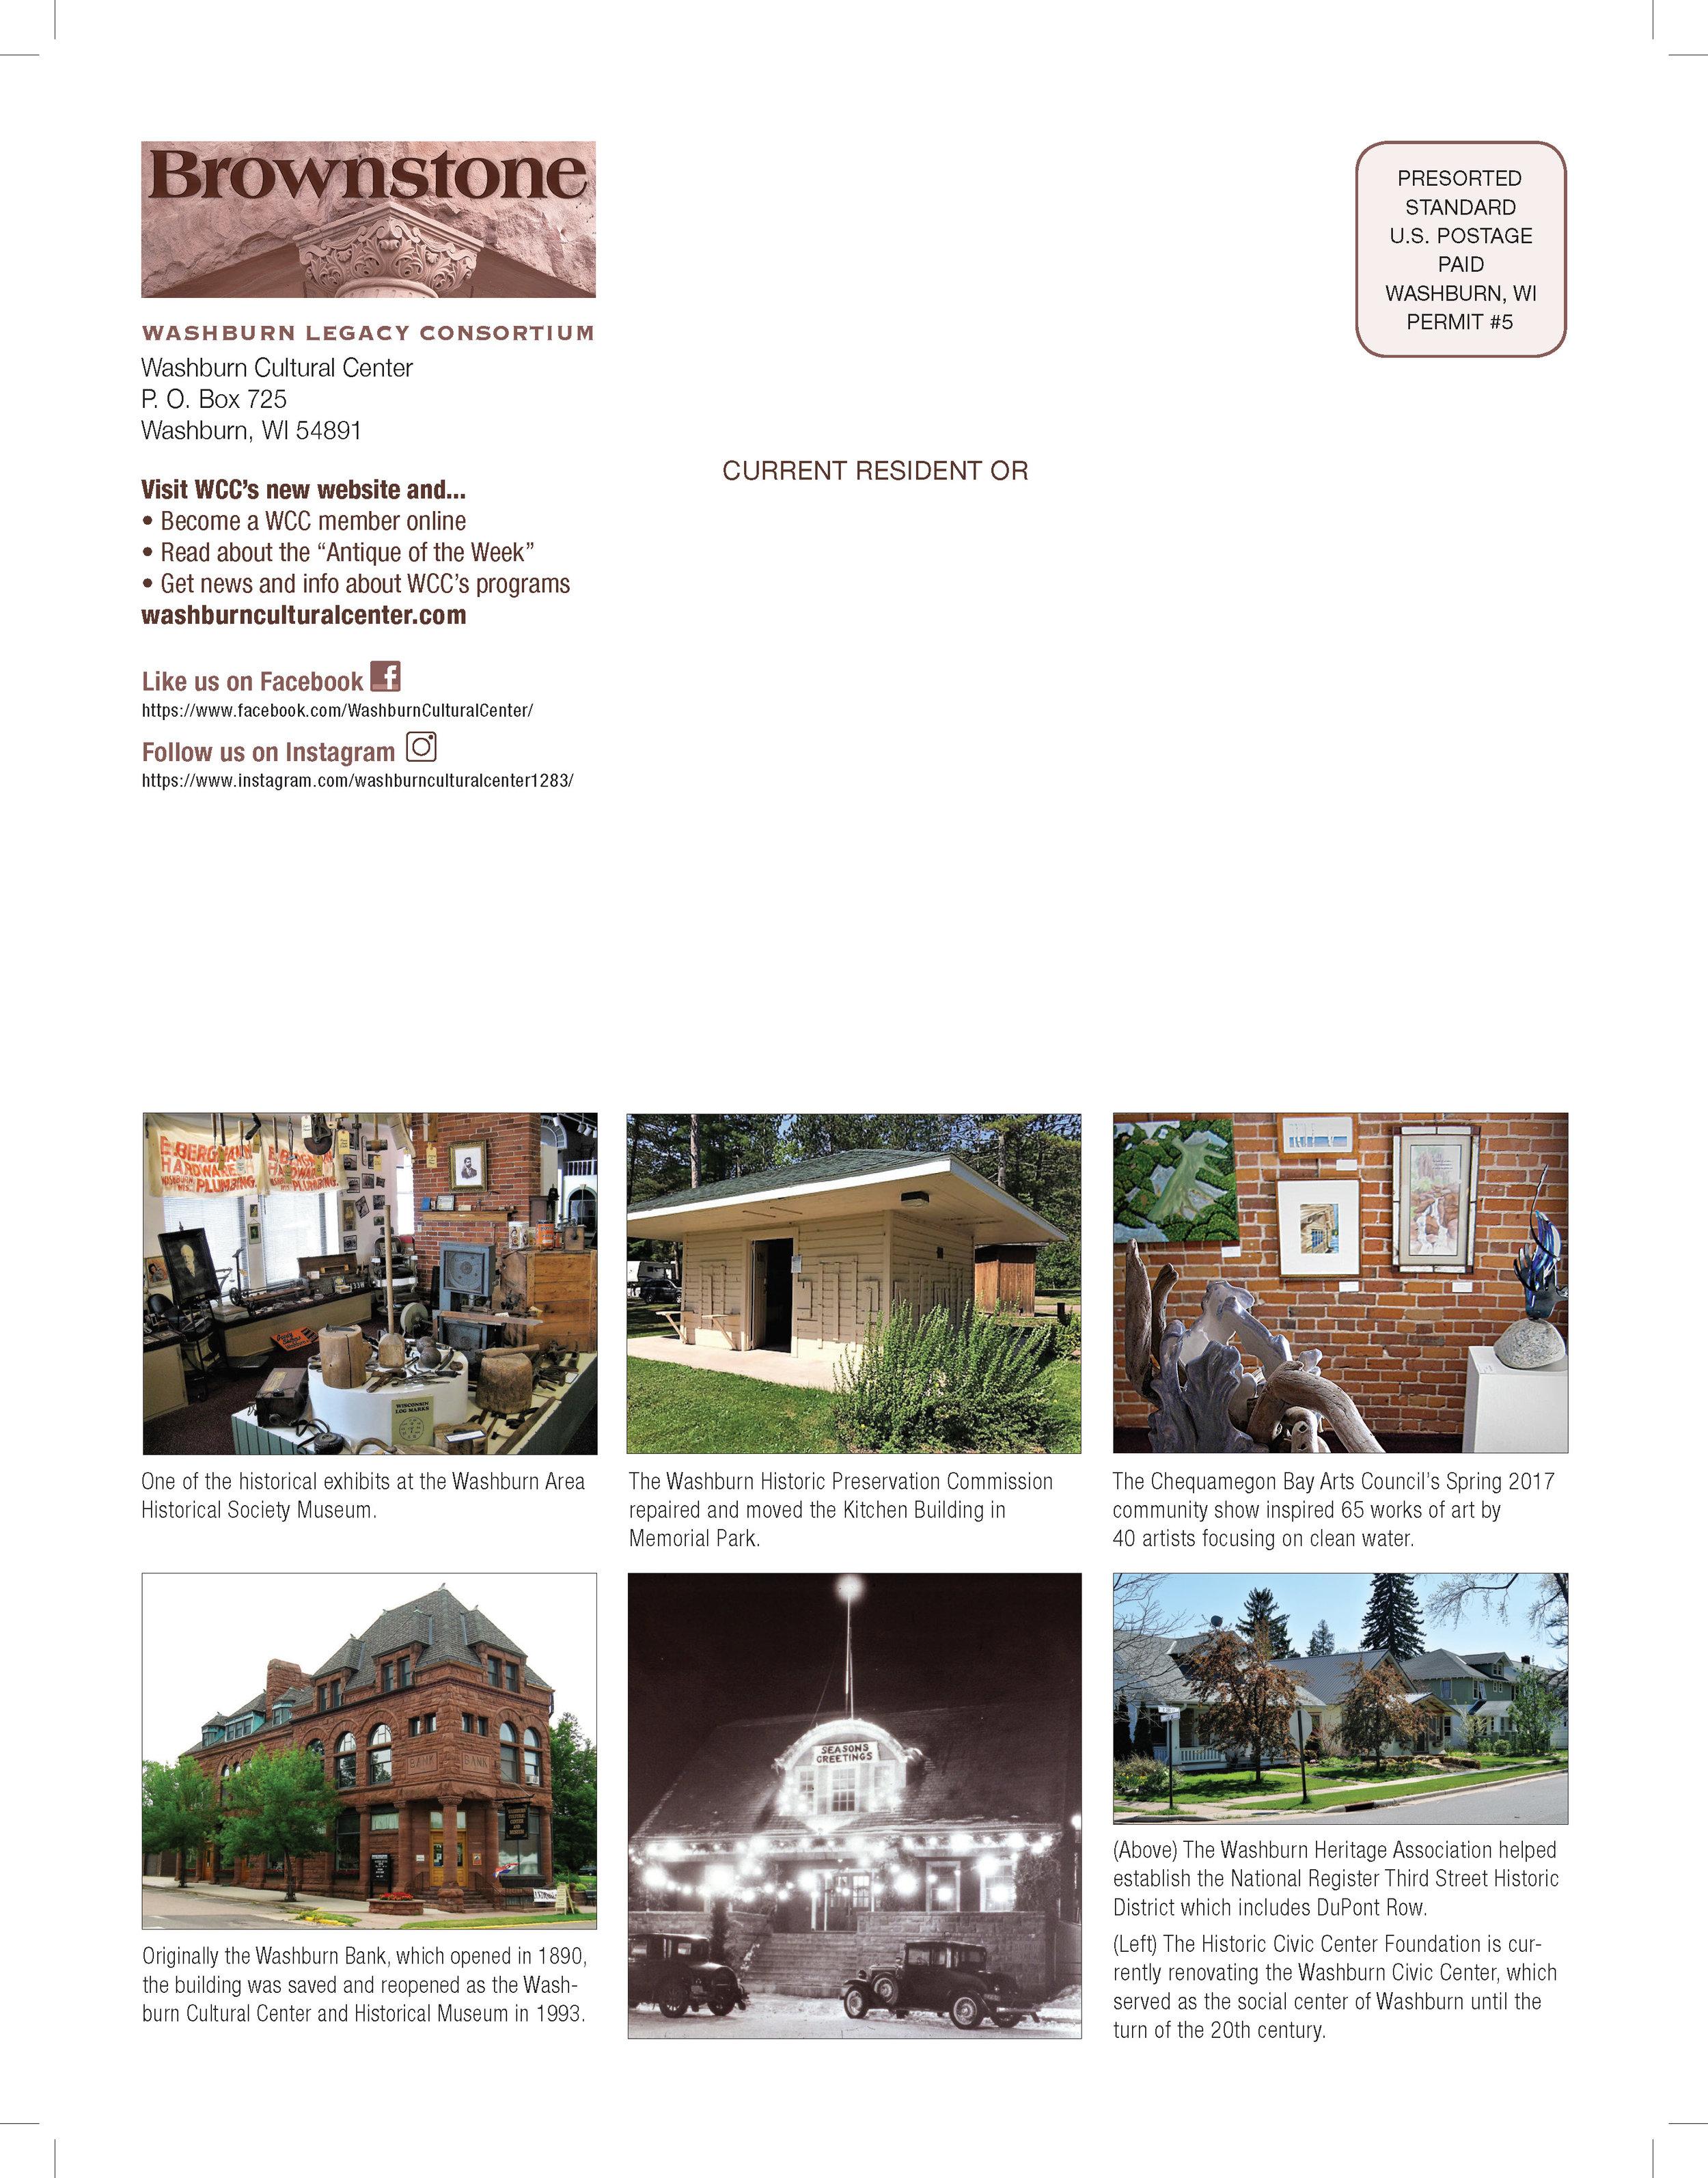 Brownstone_11.27.17_FINAL_Page_8.jpg